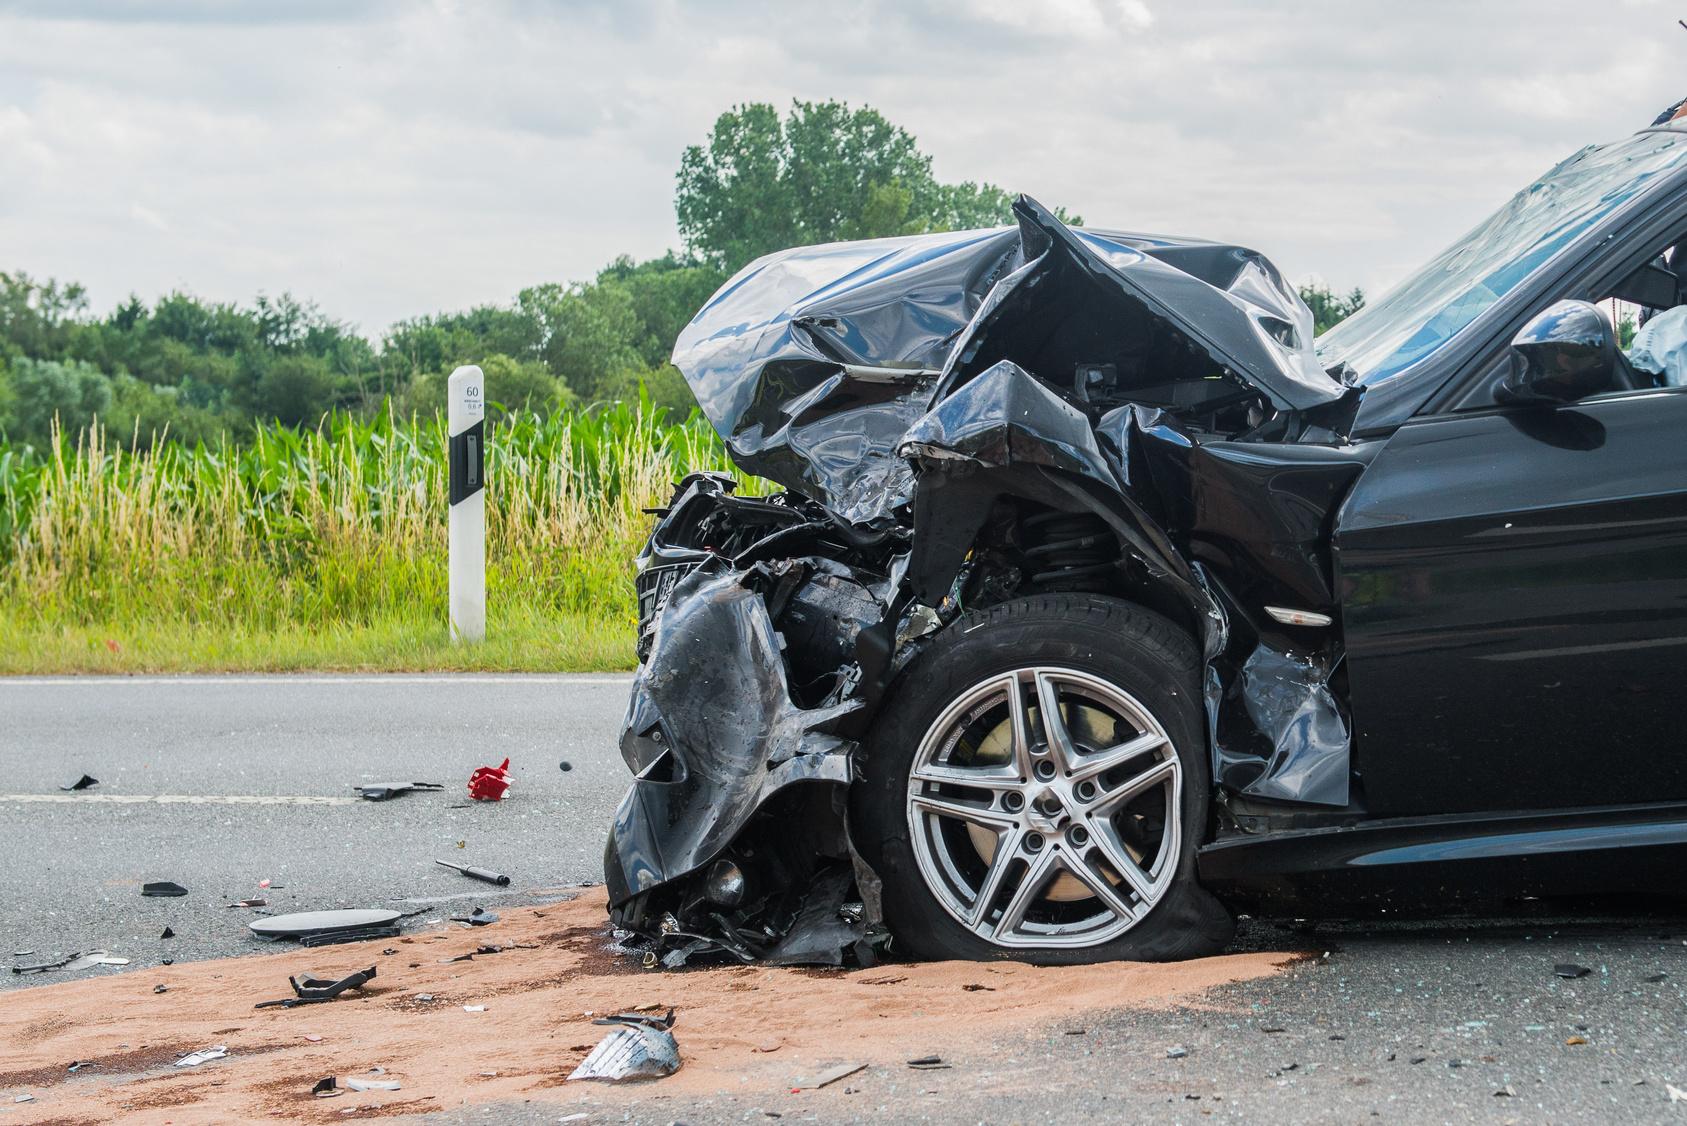 Unglaublich Mann baute Unfall und ließ schwer verletzte Frau zurück